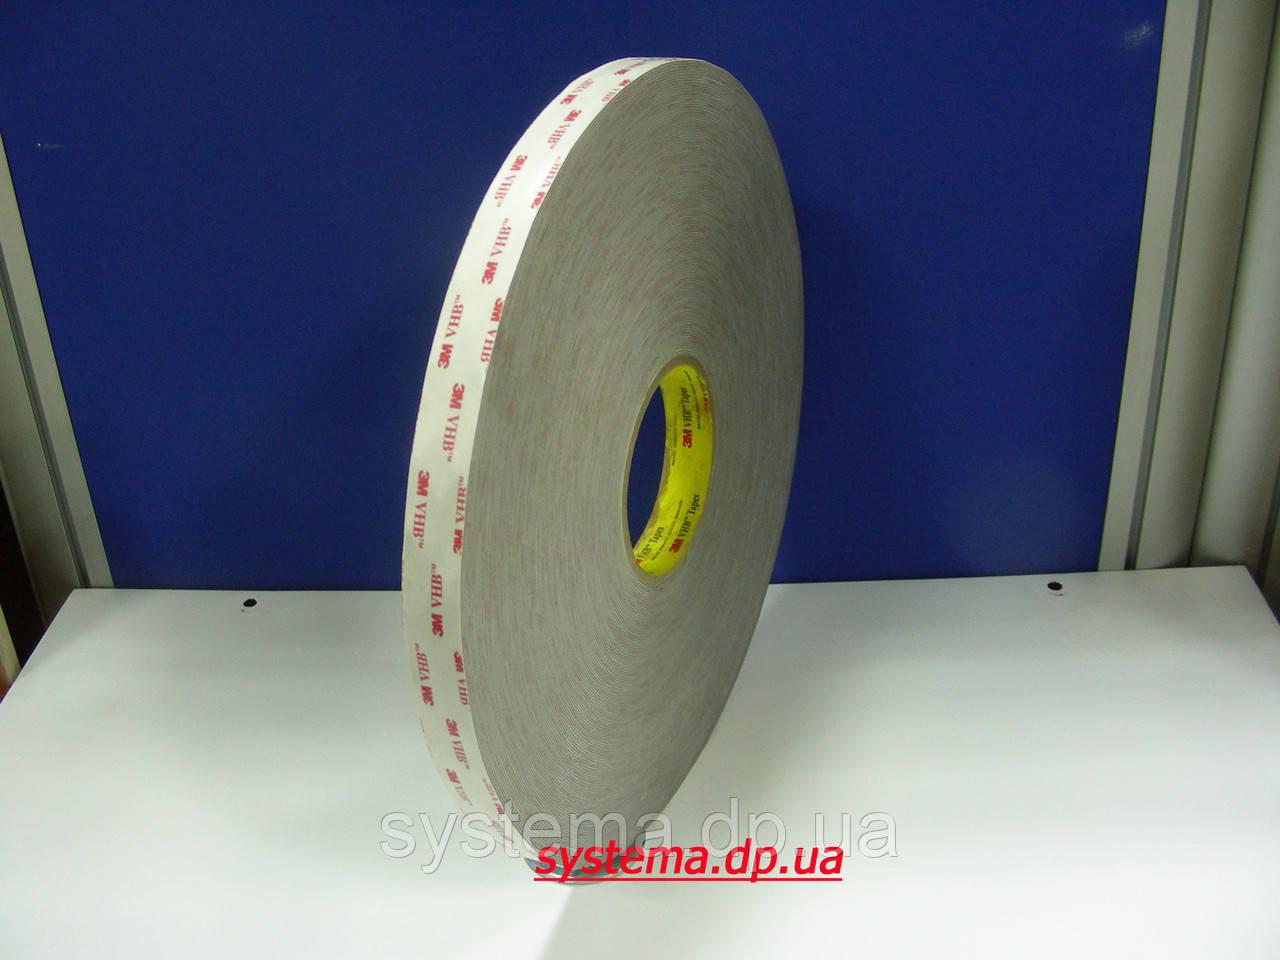 3M™ VHB™  RP16P - Скотч 3М, двухсторонний монтажный, 25,0х0,4 мм, рулон 66 м, бумаж. лайнер